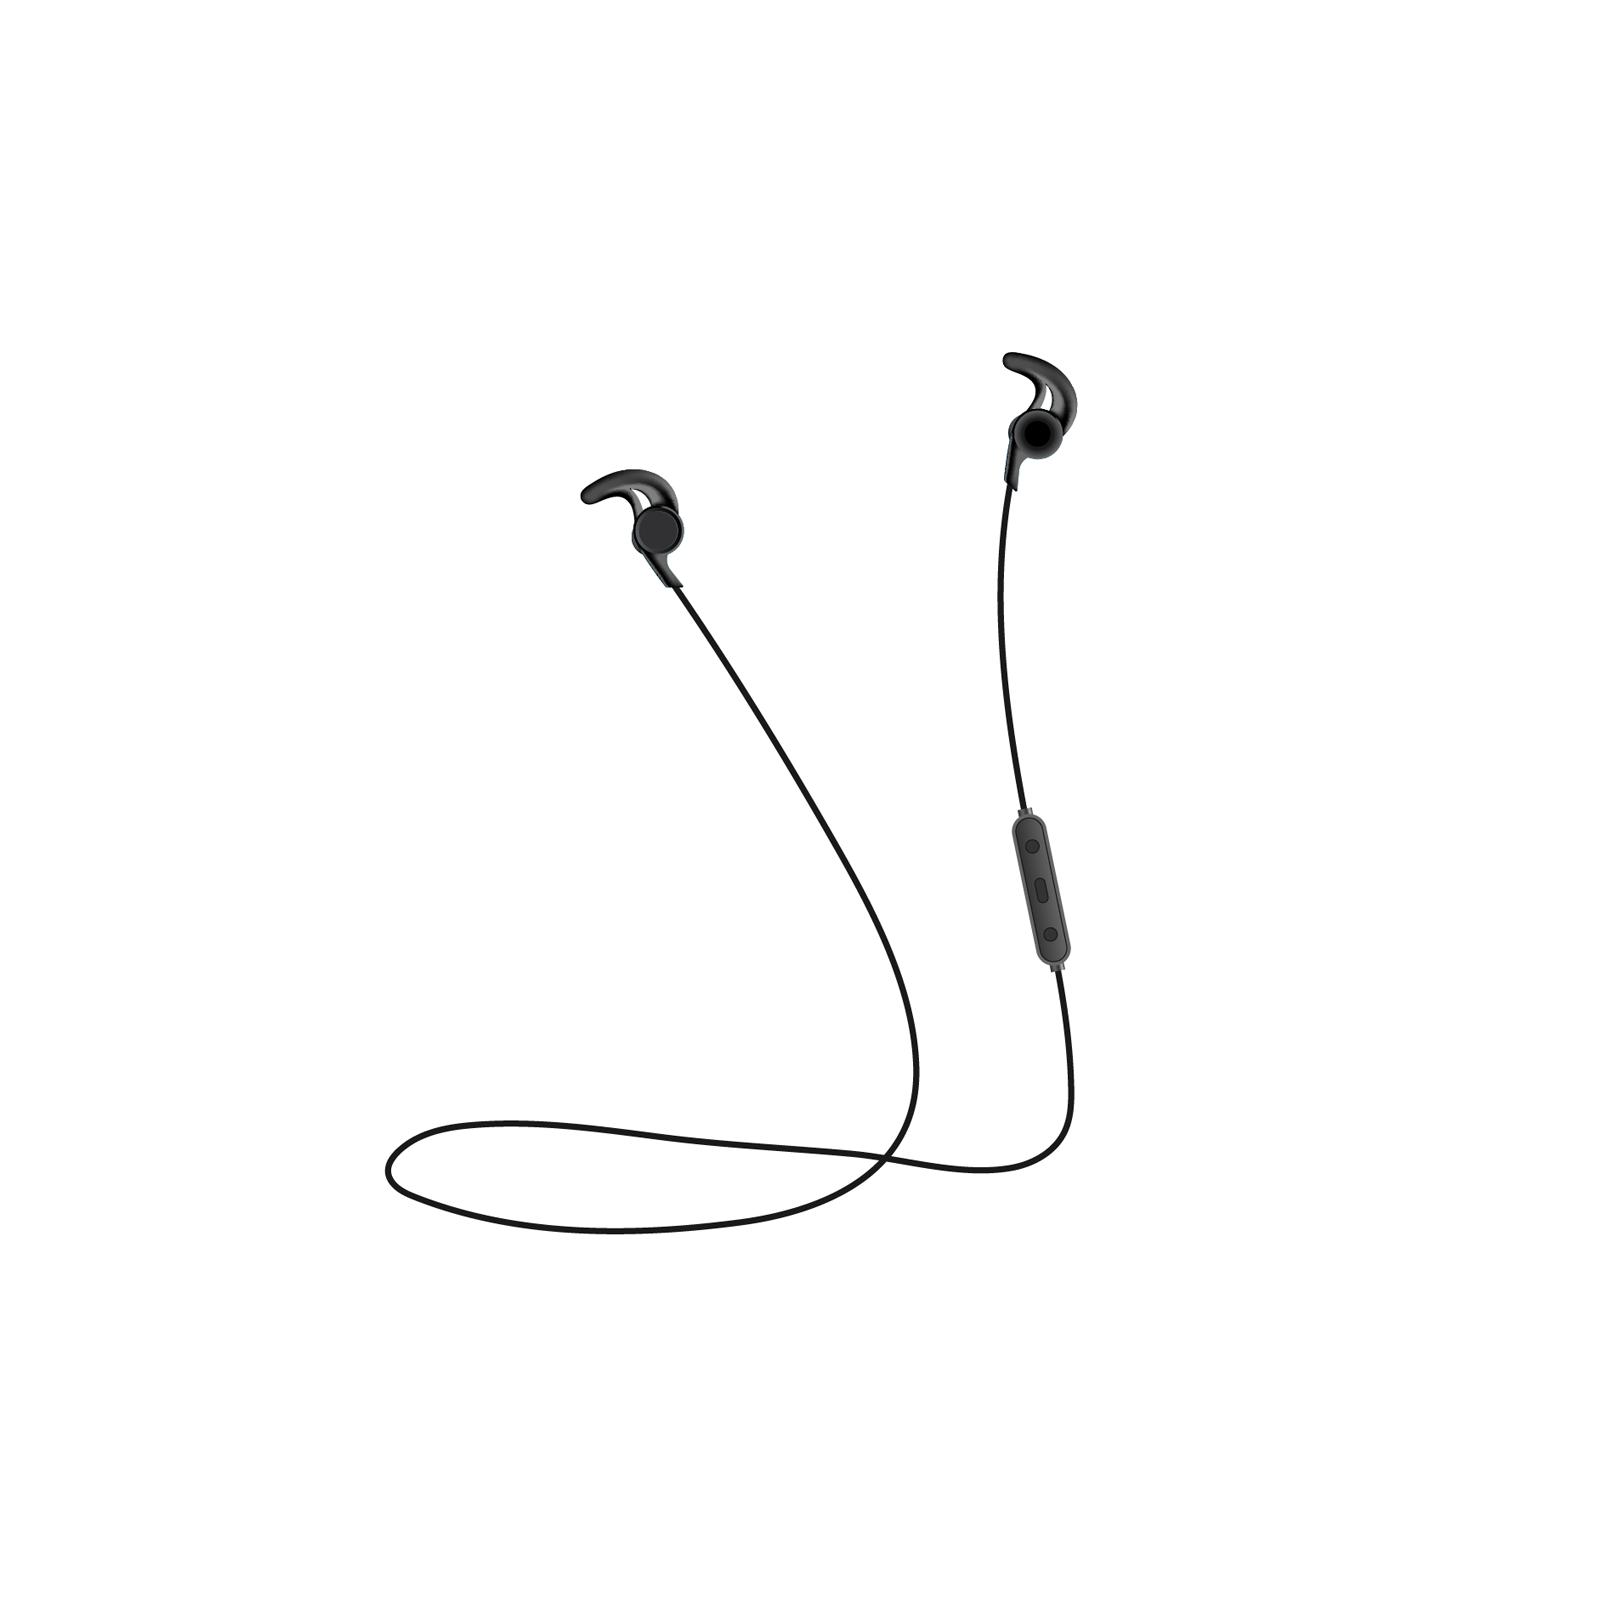 AUKEY Latitude Wireless Headphones